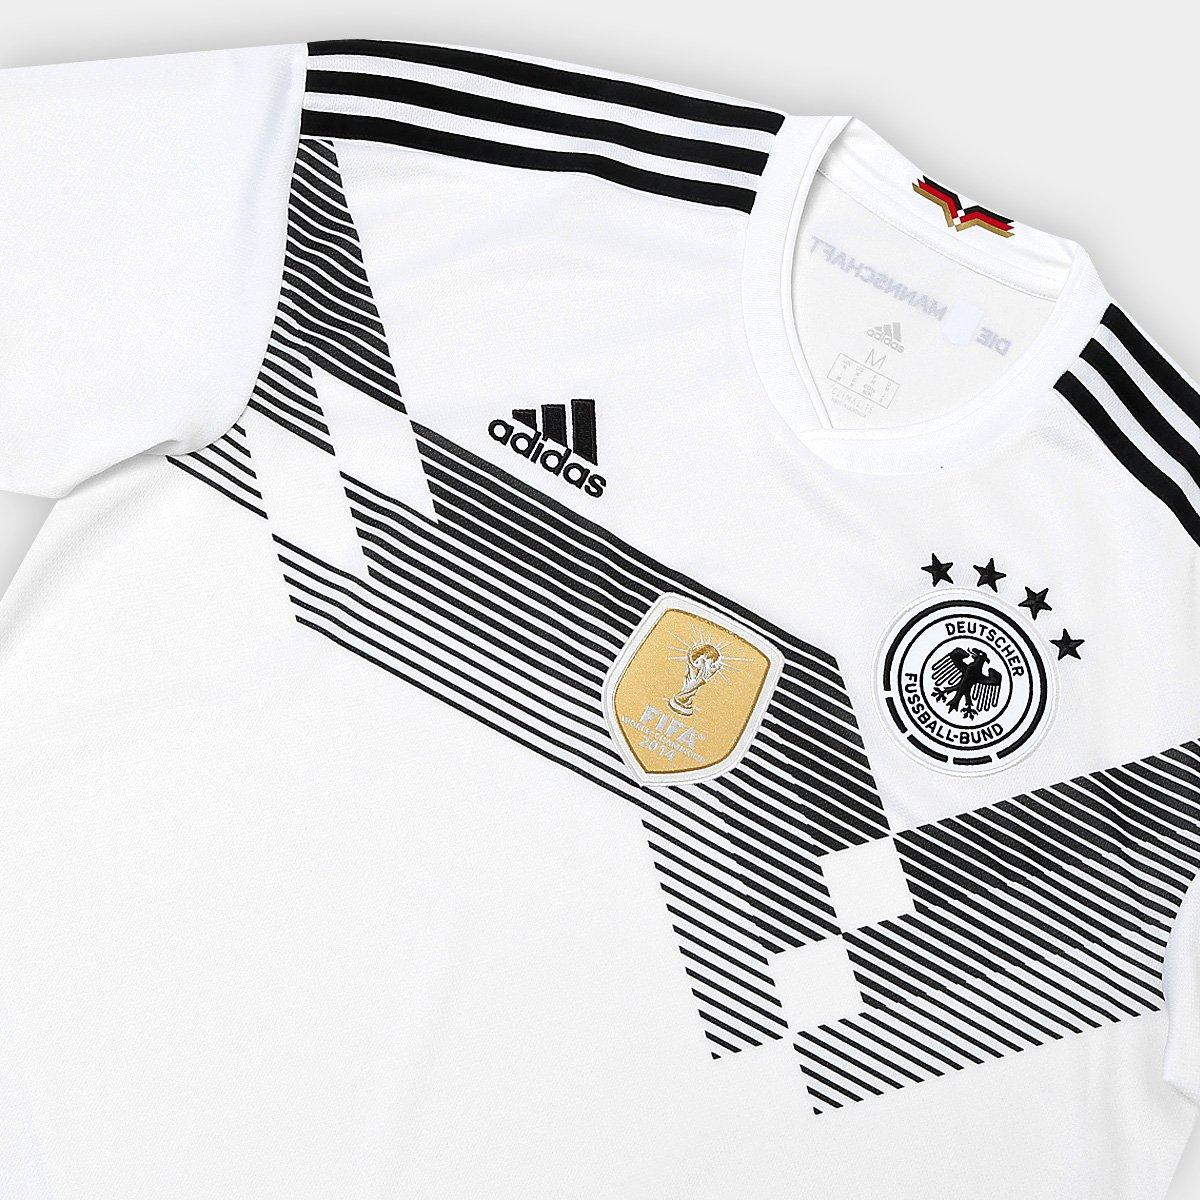 9eb0efb9e8 ... Camisa Seleção Alemanha Home 2018 n° 21 Gündogan - Torcedor Adidas  Masculina